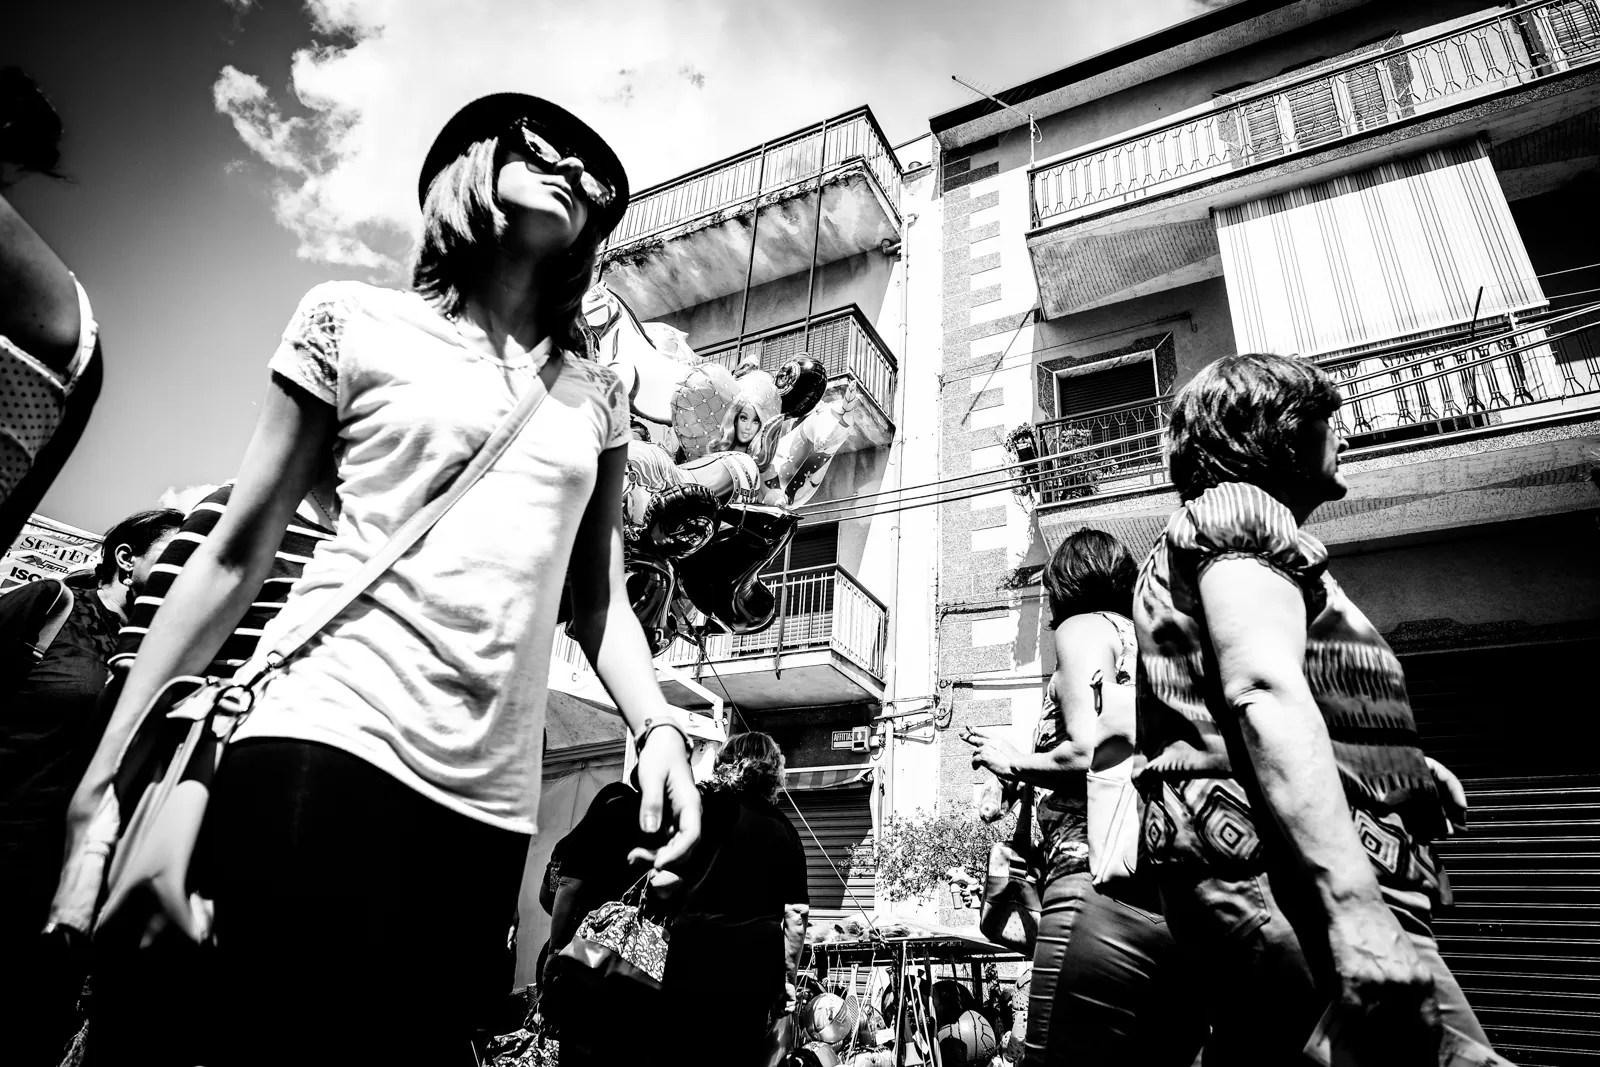 DSCF0685 - Un Giorno di festa - Sagra a Maletto [Street Photography] - fotostreet.it